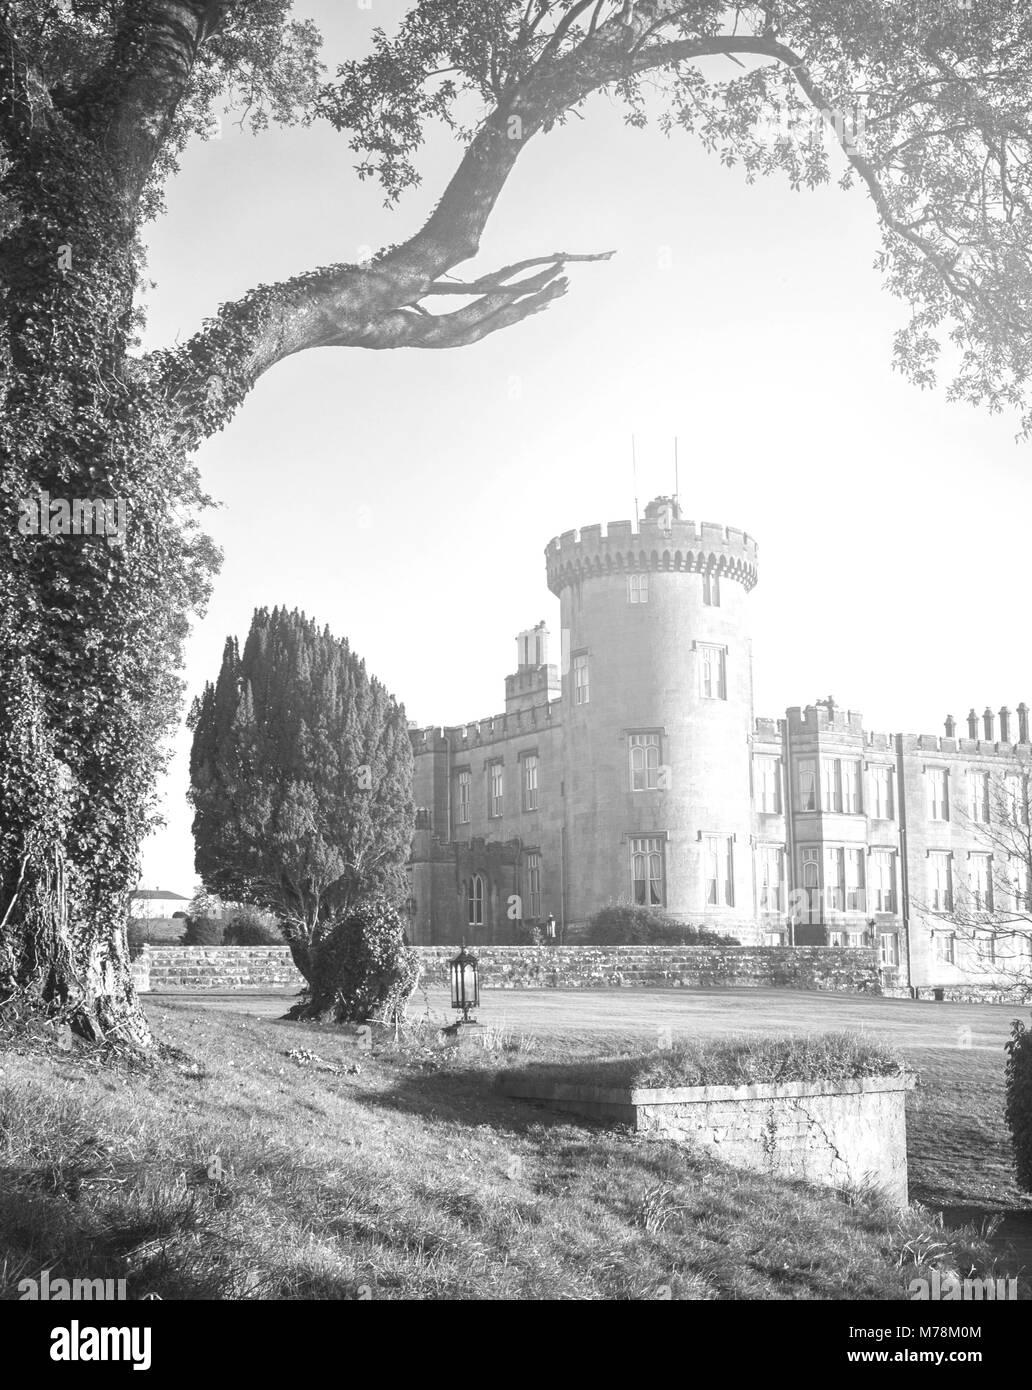 9ae1de109c Beau paysage noir et blanc photographie d'un vieux château celtique  irlandais Irlande pittoresque . château situé dans une forêt